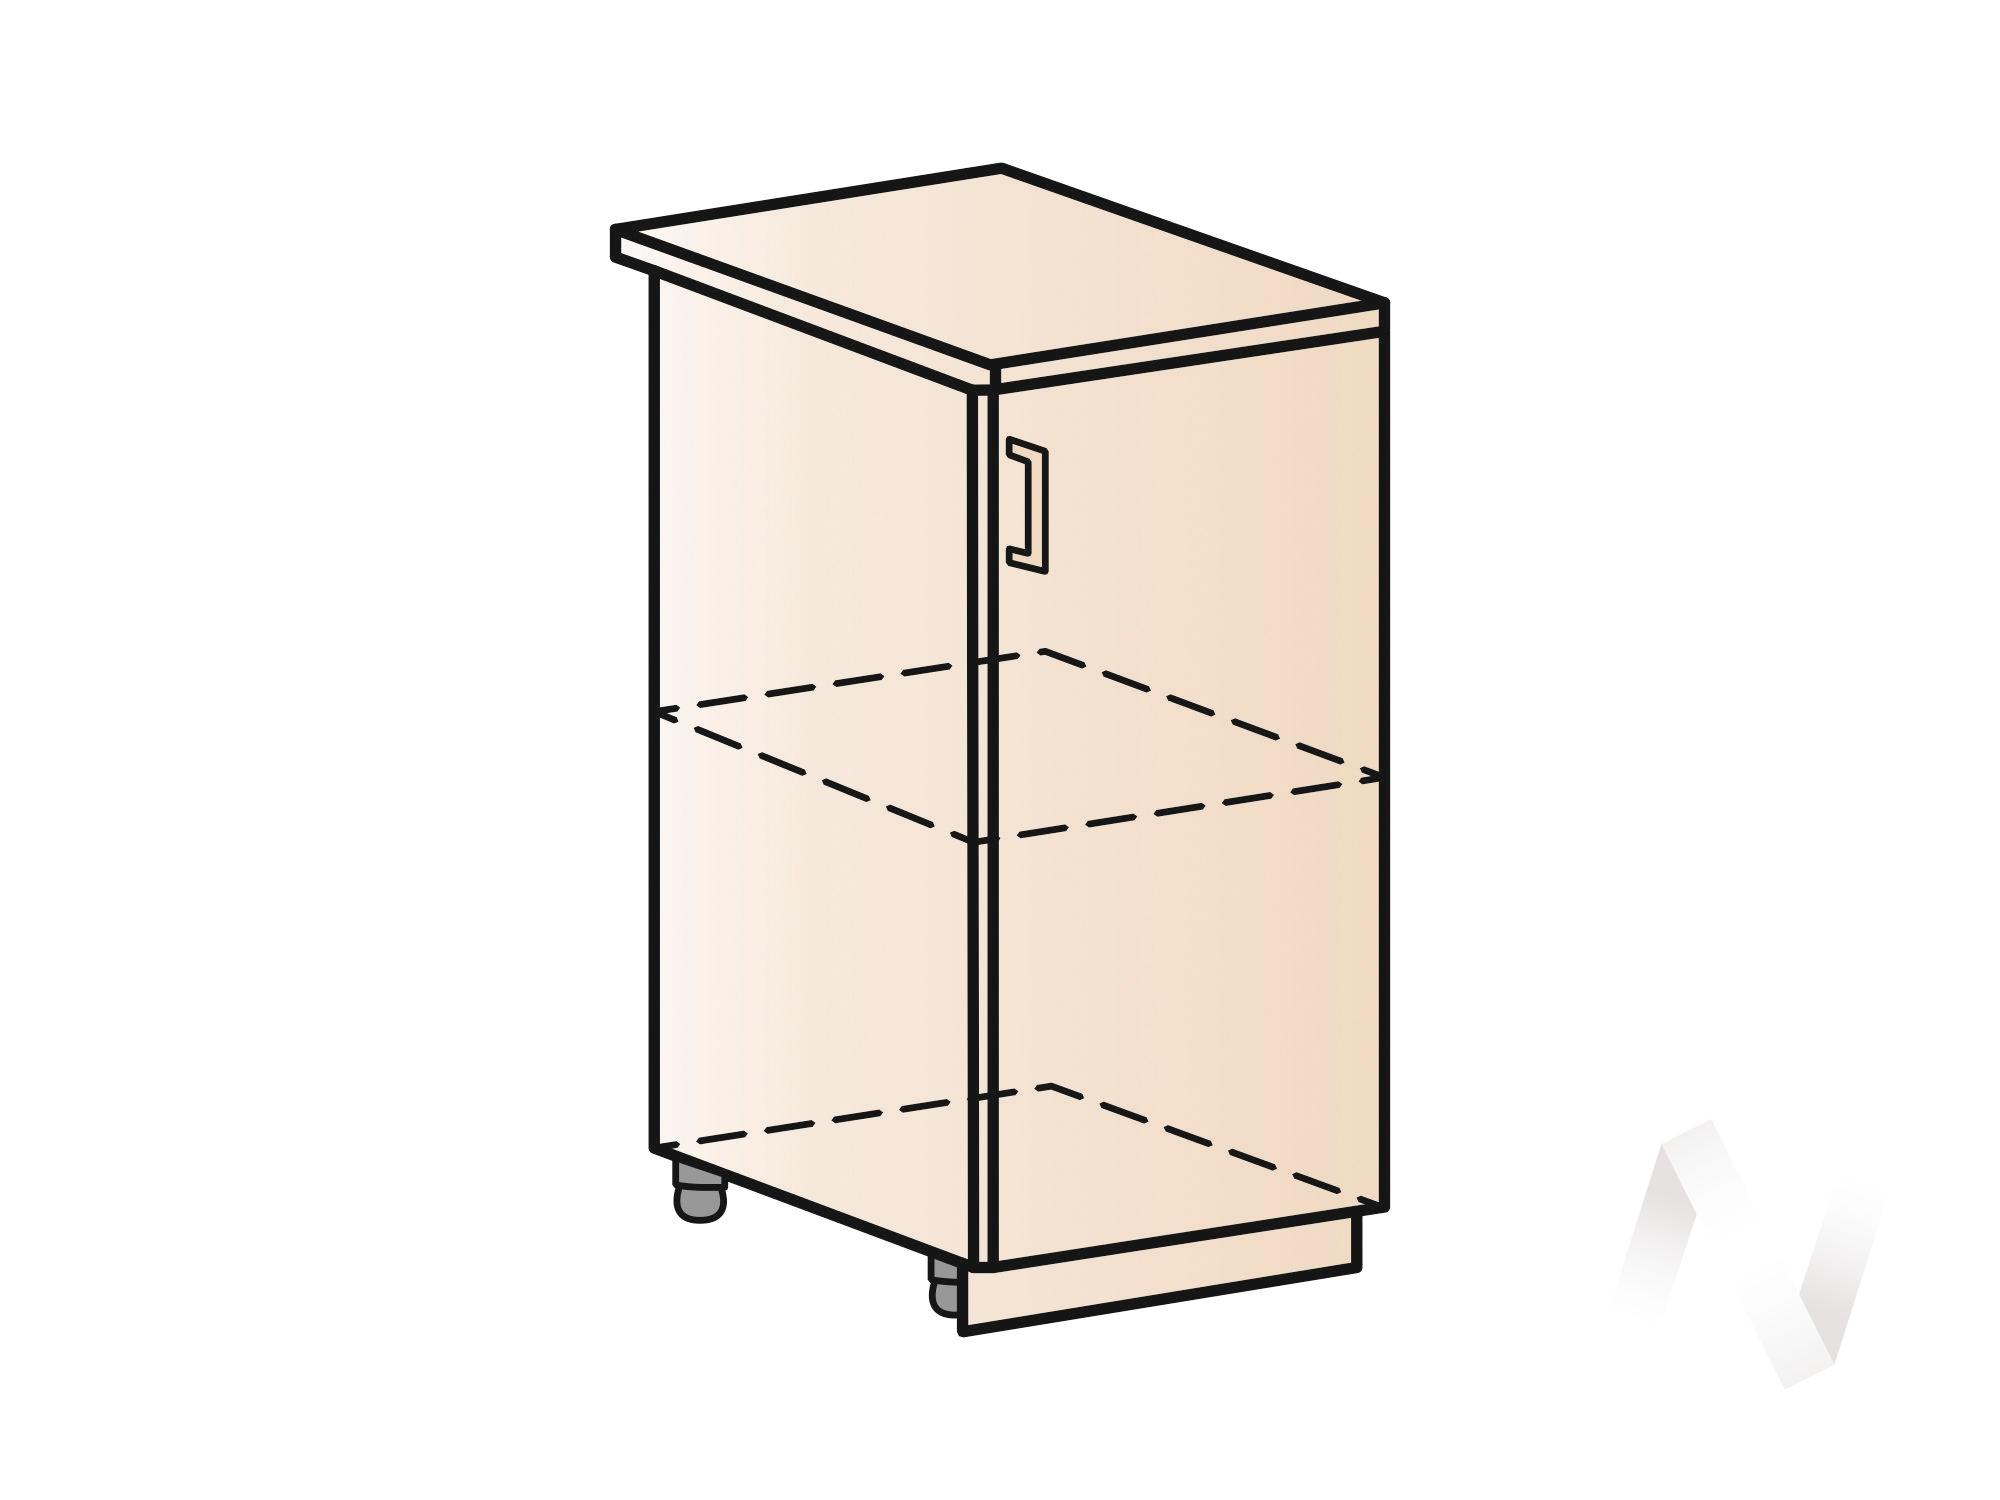 """Кухня """"Вена"""": Шкаф нижний 400, ШН 400 (корпус венге)  в Томске — интернет магазин МИРА-мебель"""